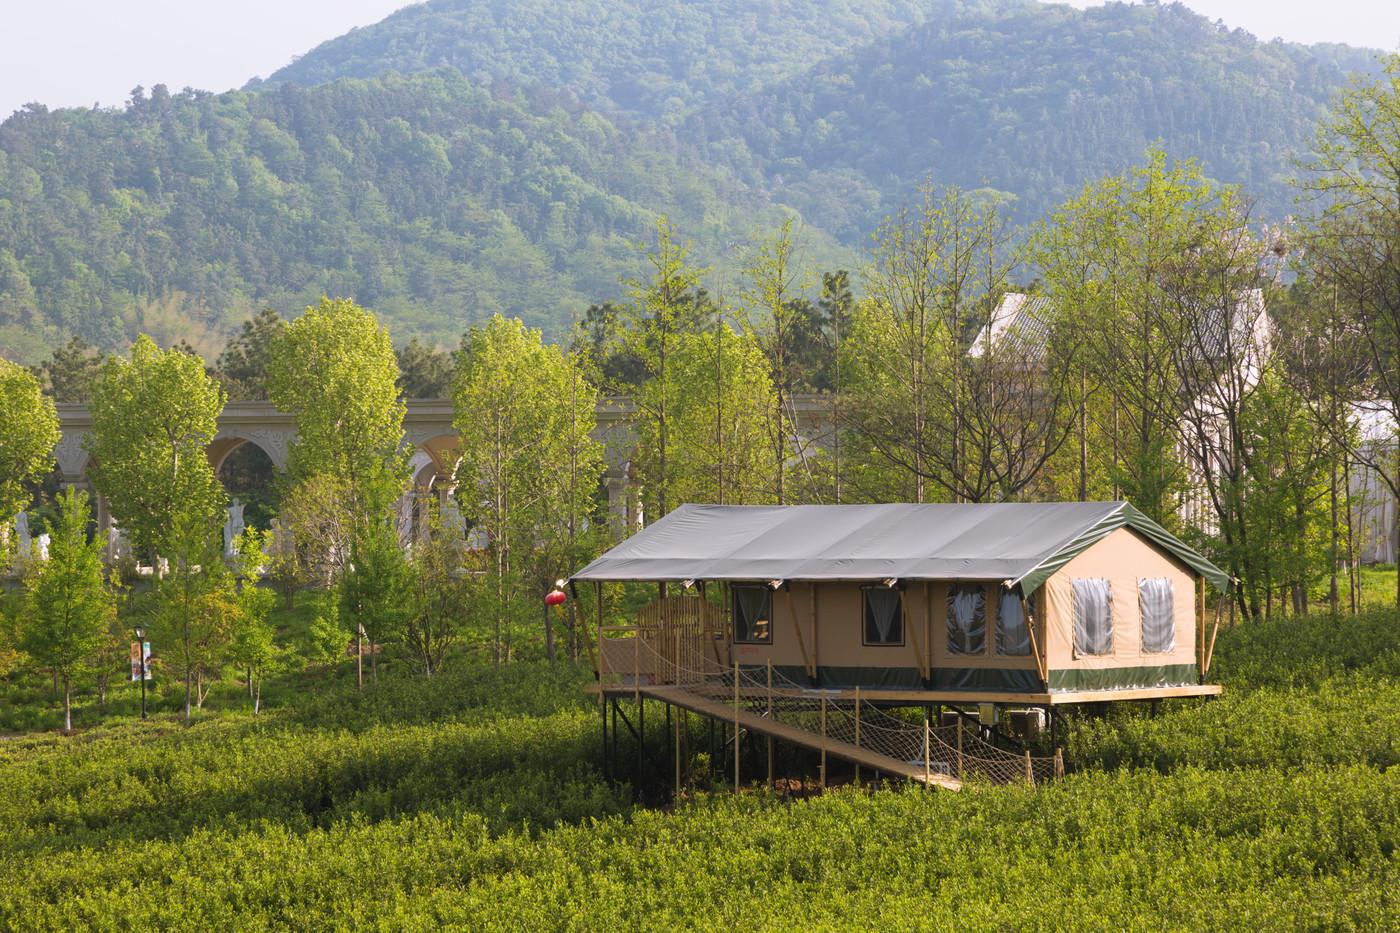 喜马拉雅野奢帐篷酒店—江苏茅山宝盛园(二期)15